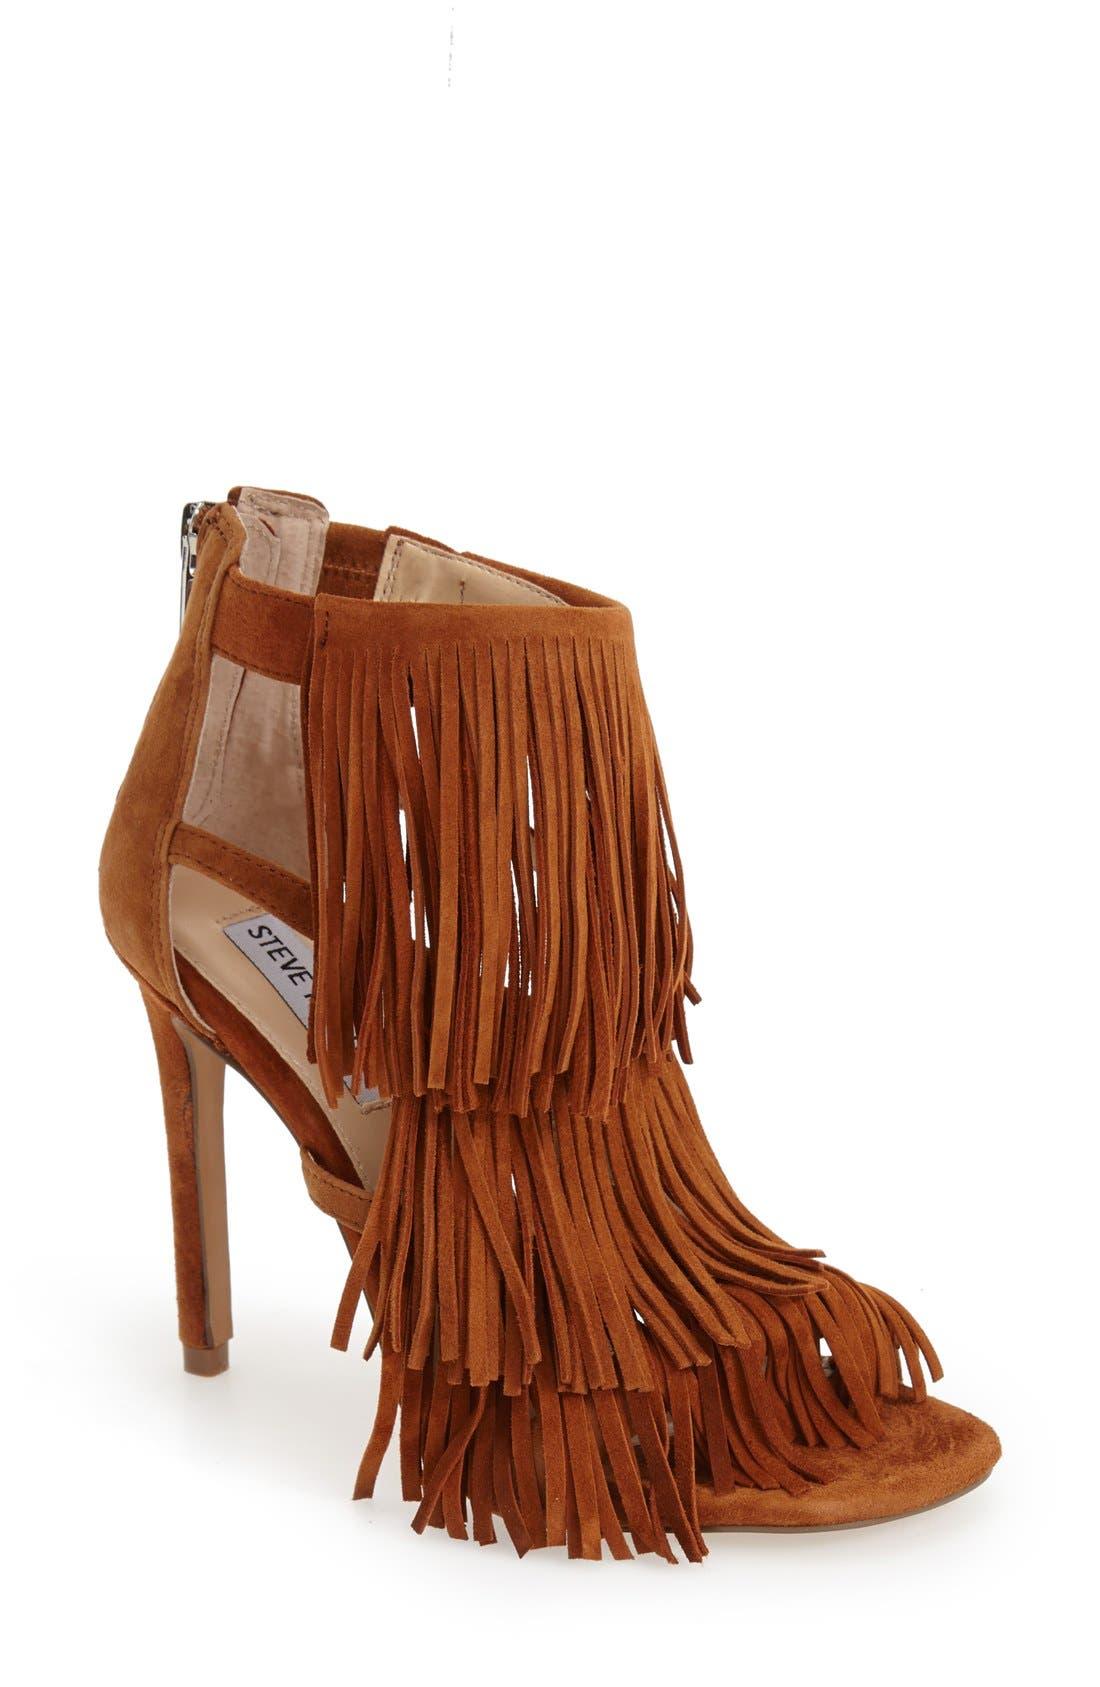 Alternate Image 1 Selected - Steve Madden 'Fringly' Sandal (Women)